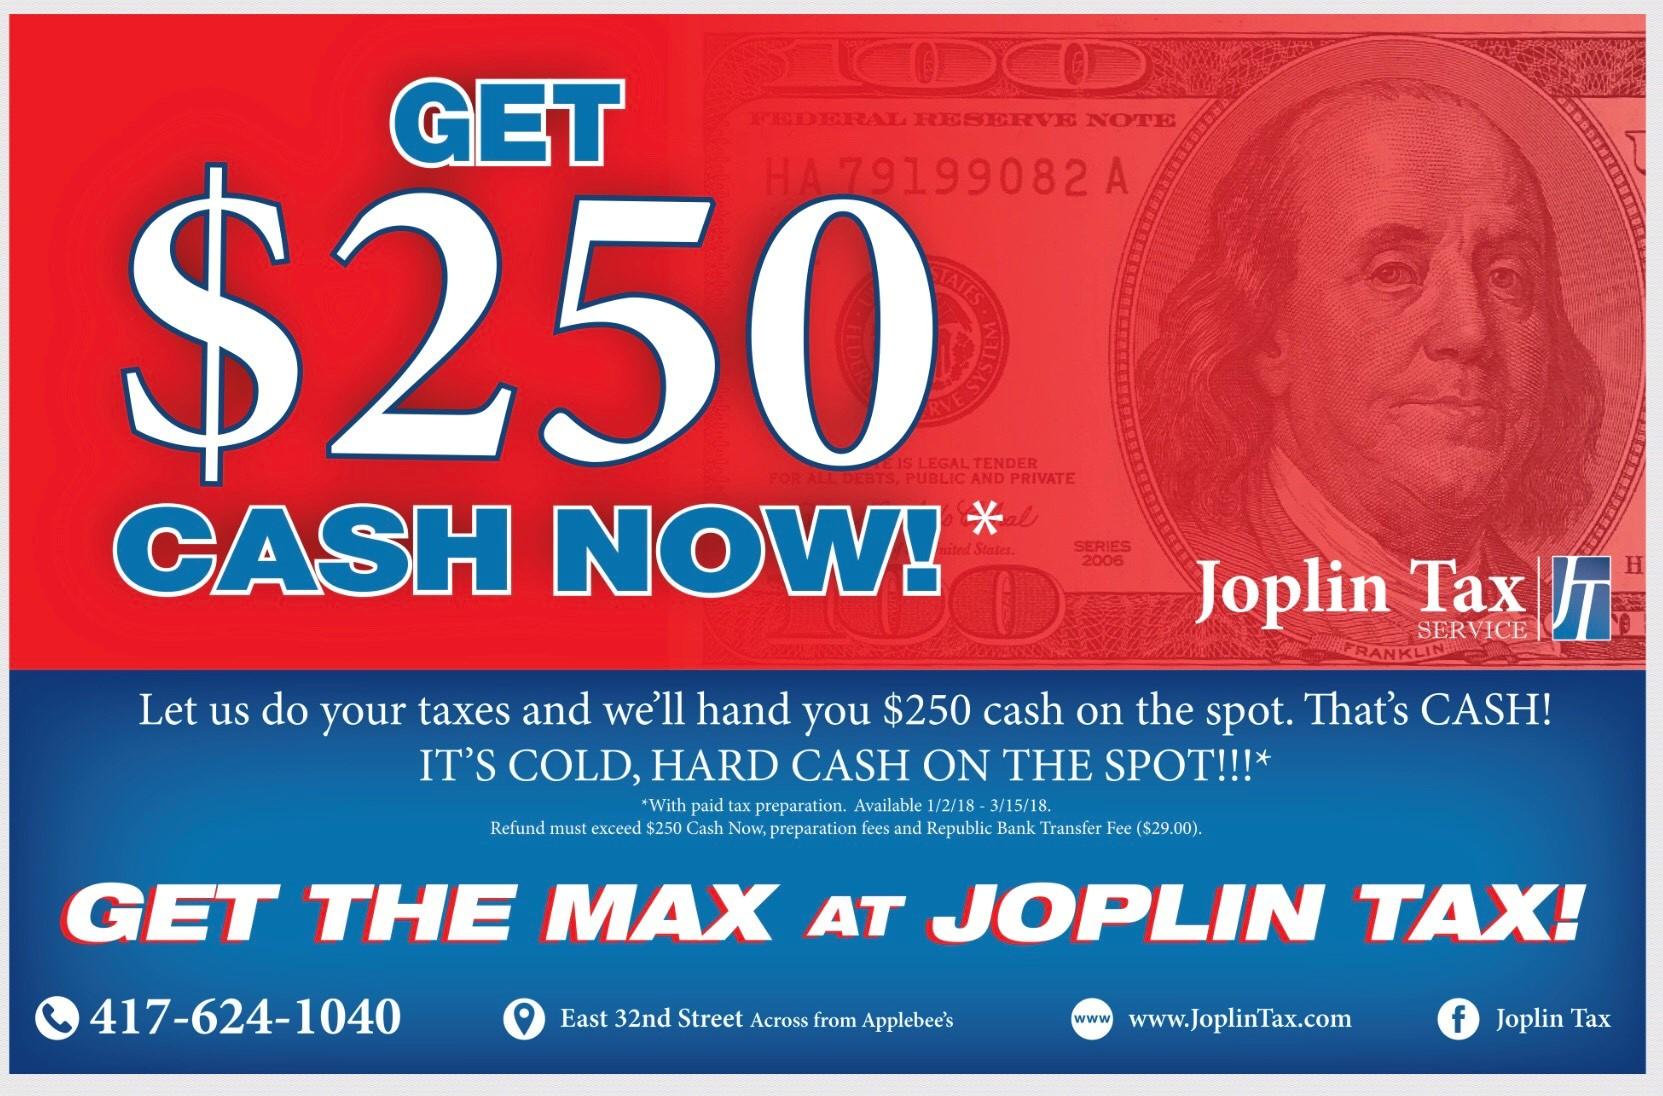 $250 Cash NOW! | JOPLIN TAX SERVICE, LLC